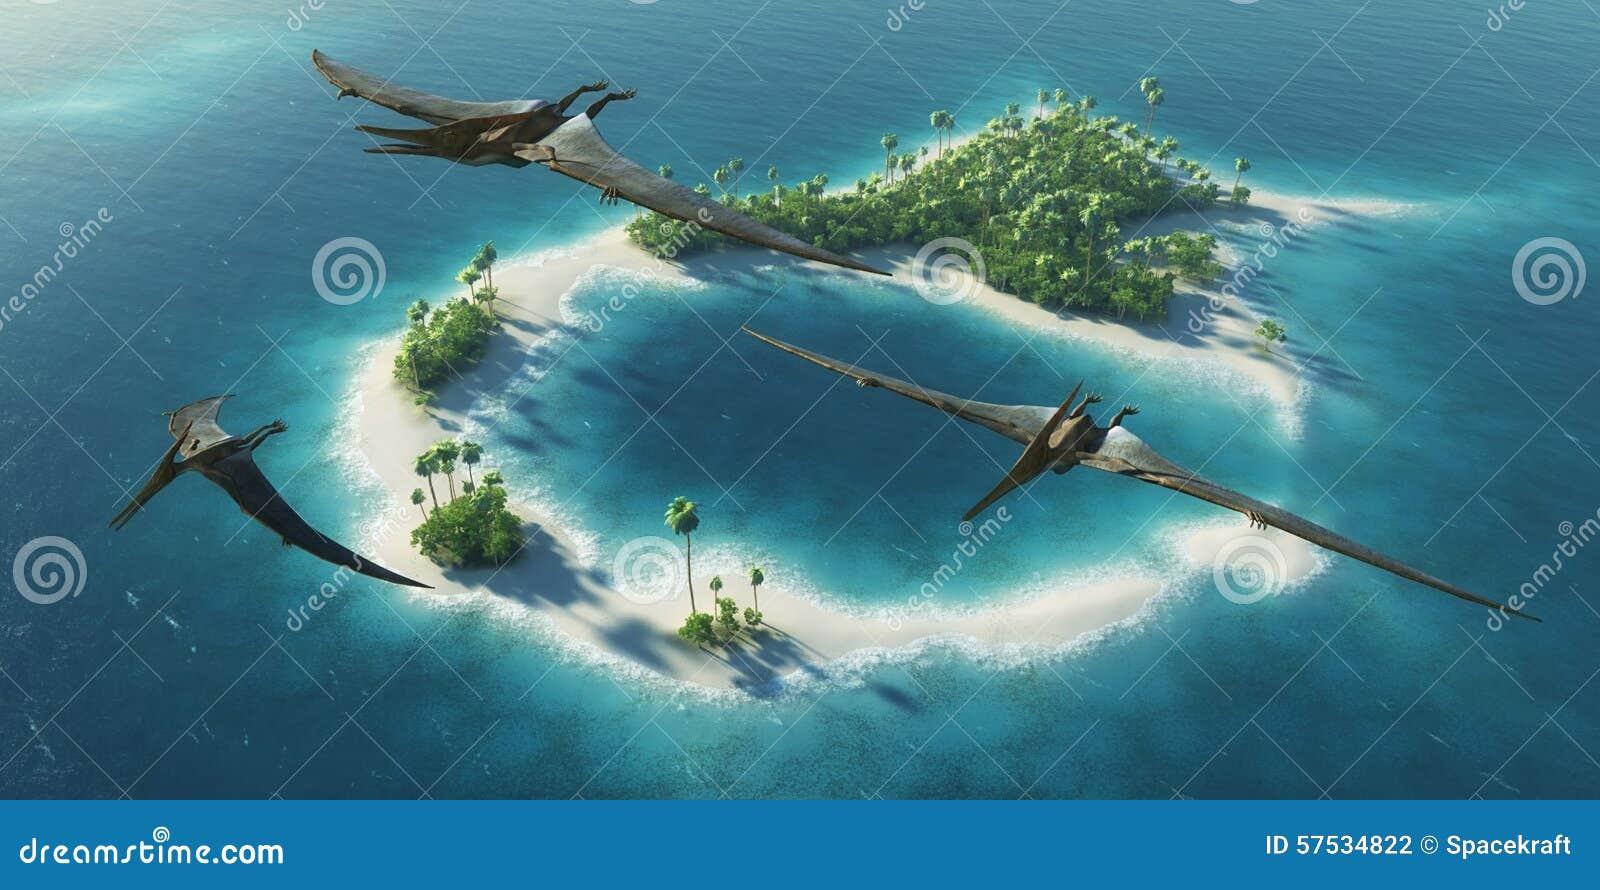 恐龙自然公园 侏罗纪期间 飞行在天堂热带海岛上的恐龙